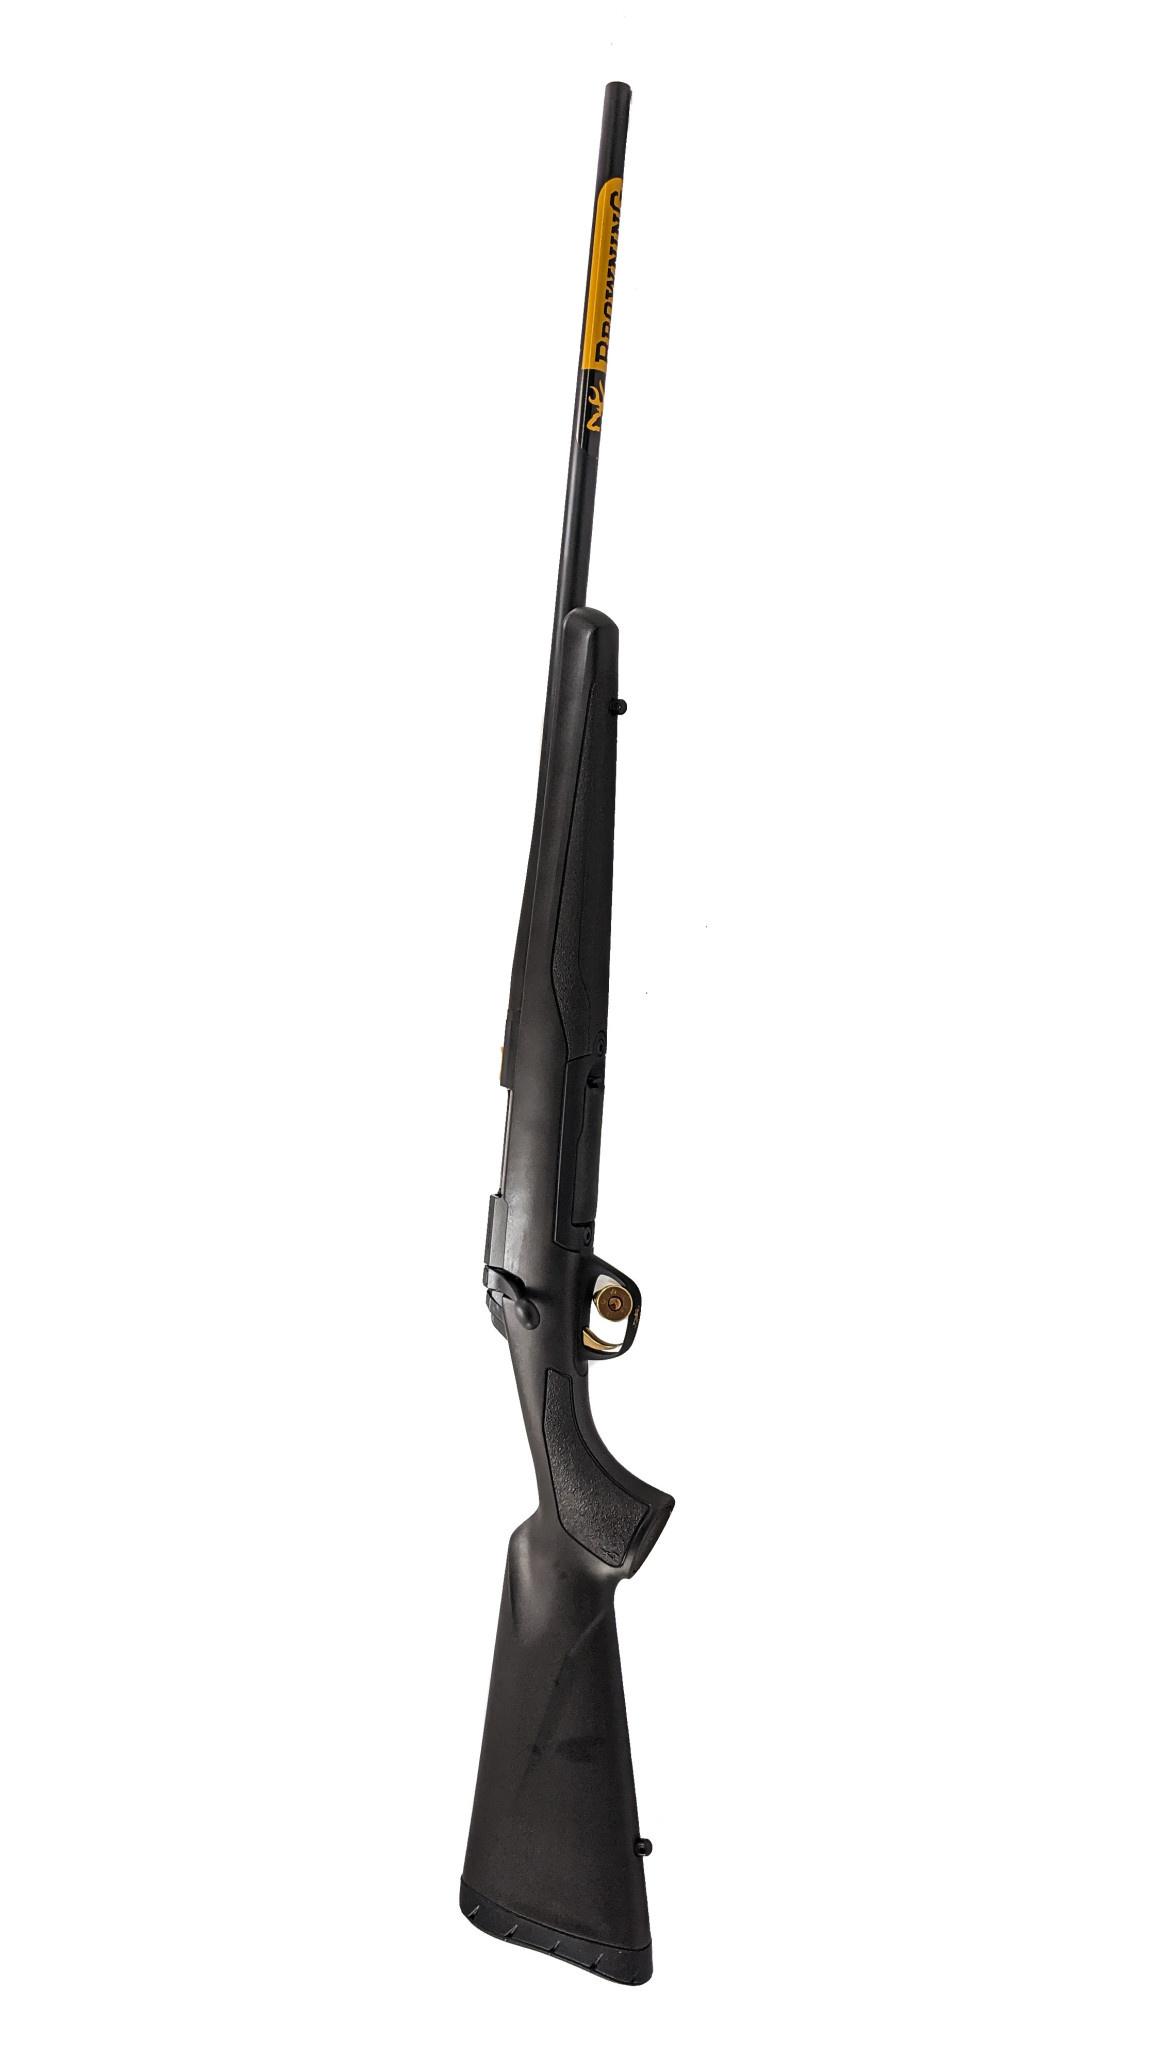 Browning X-bolt Composite Stalker .308 Win